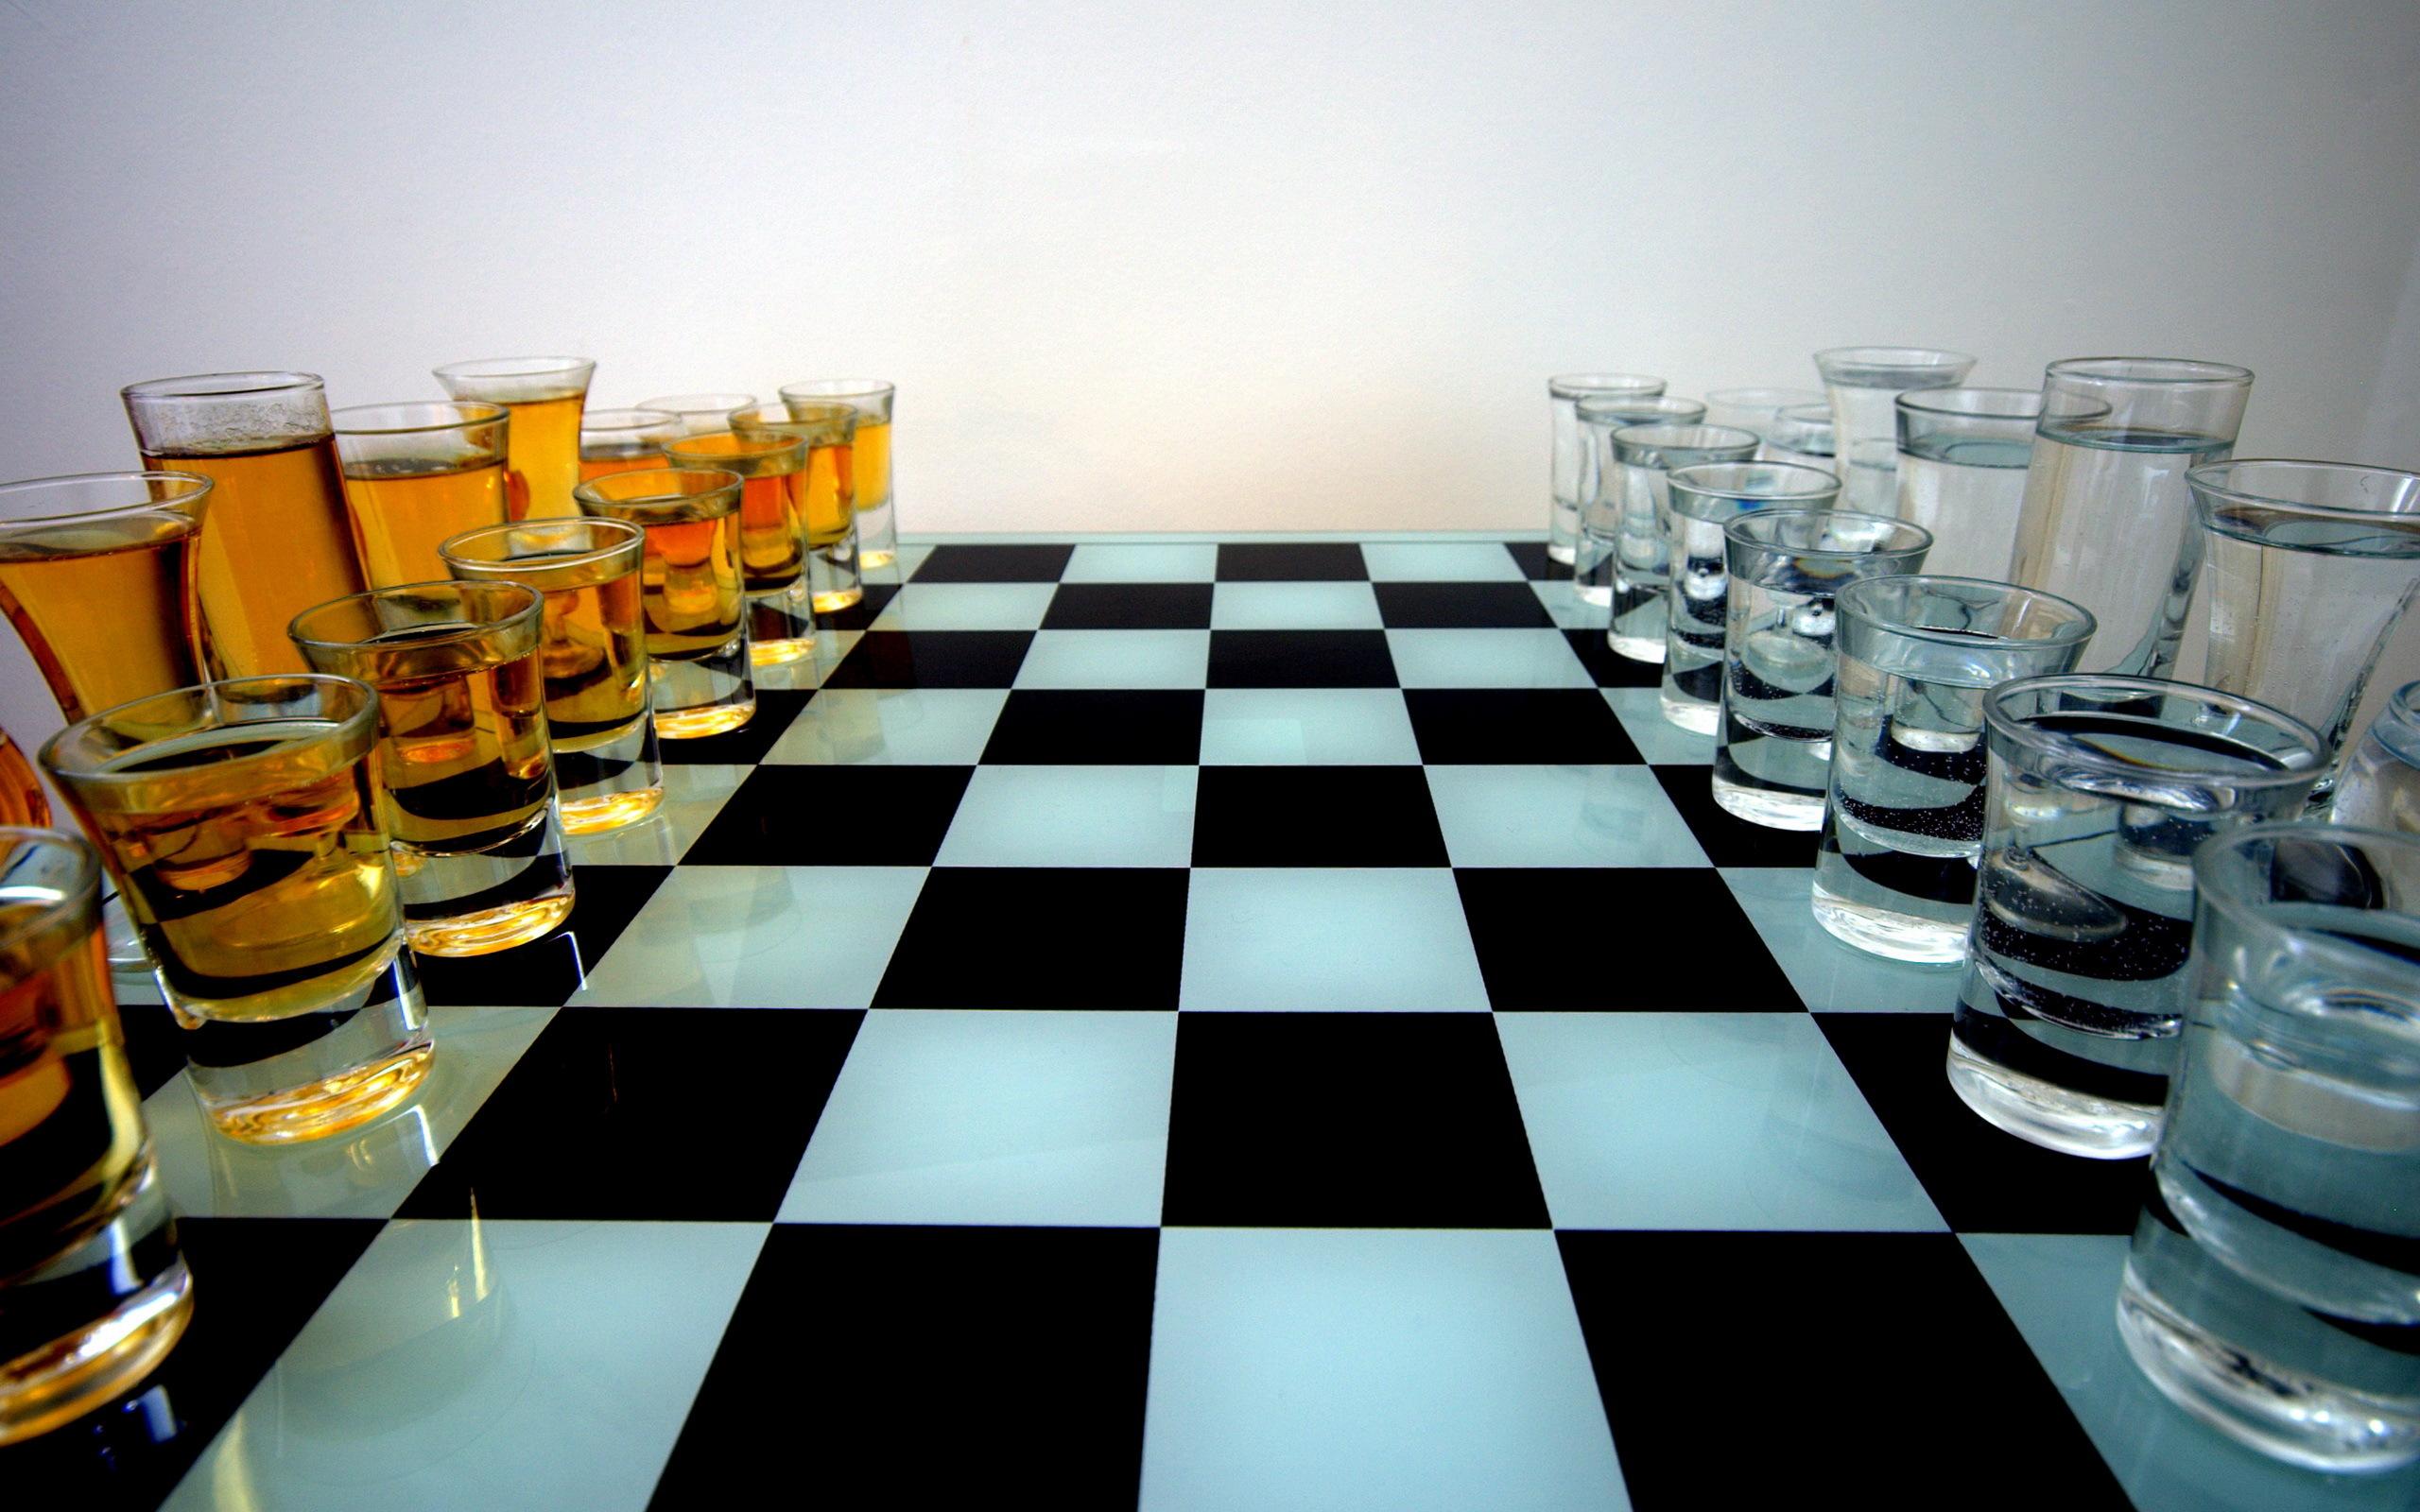 Шах и мат, похитители: москвич и петербуржец украли фигуры с крыши новгородского шахматного клуба